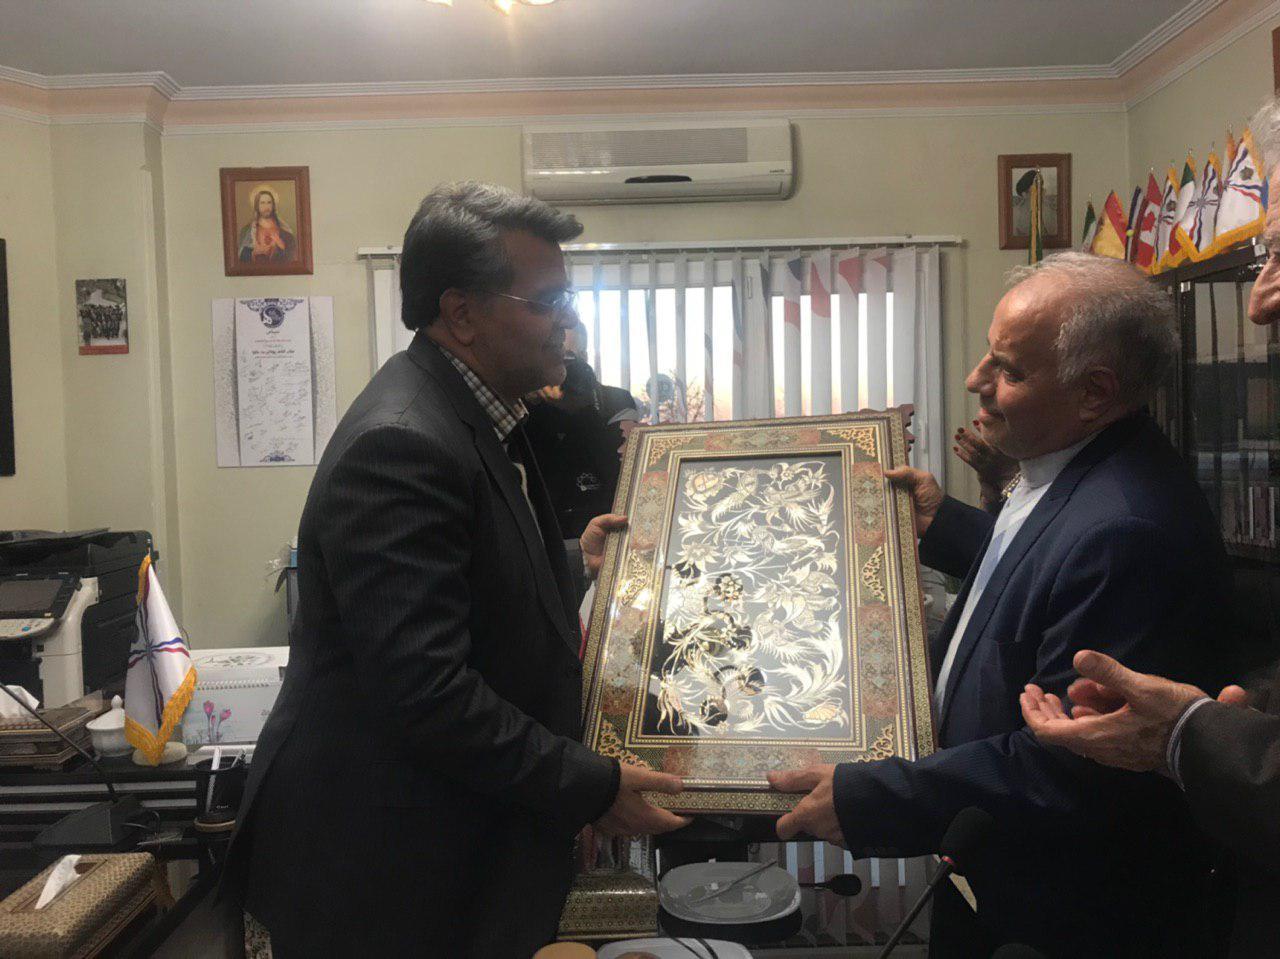 حضور دکتر خسروآبادی شهردار محترم منطقه 5 در دفتر آقای بت کلیا